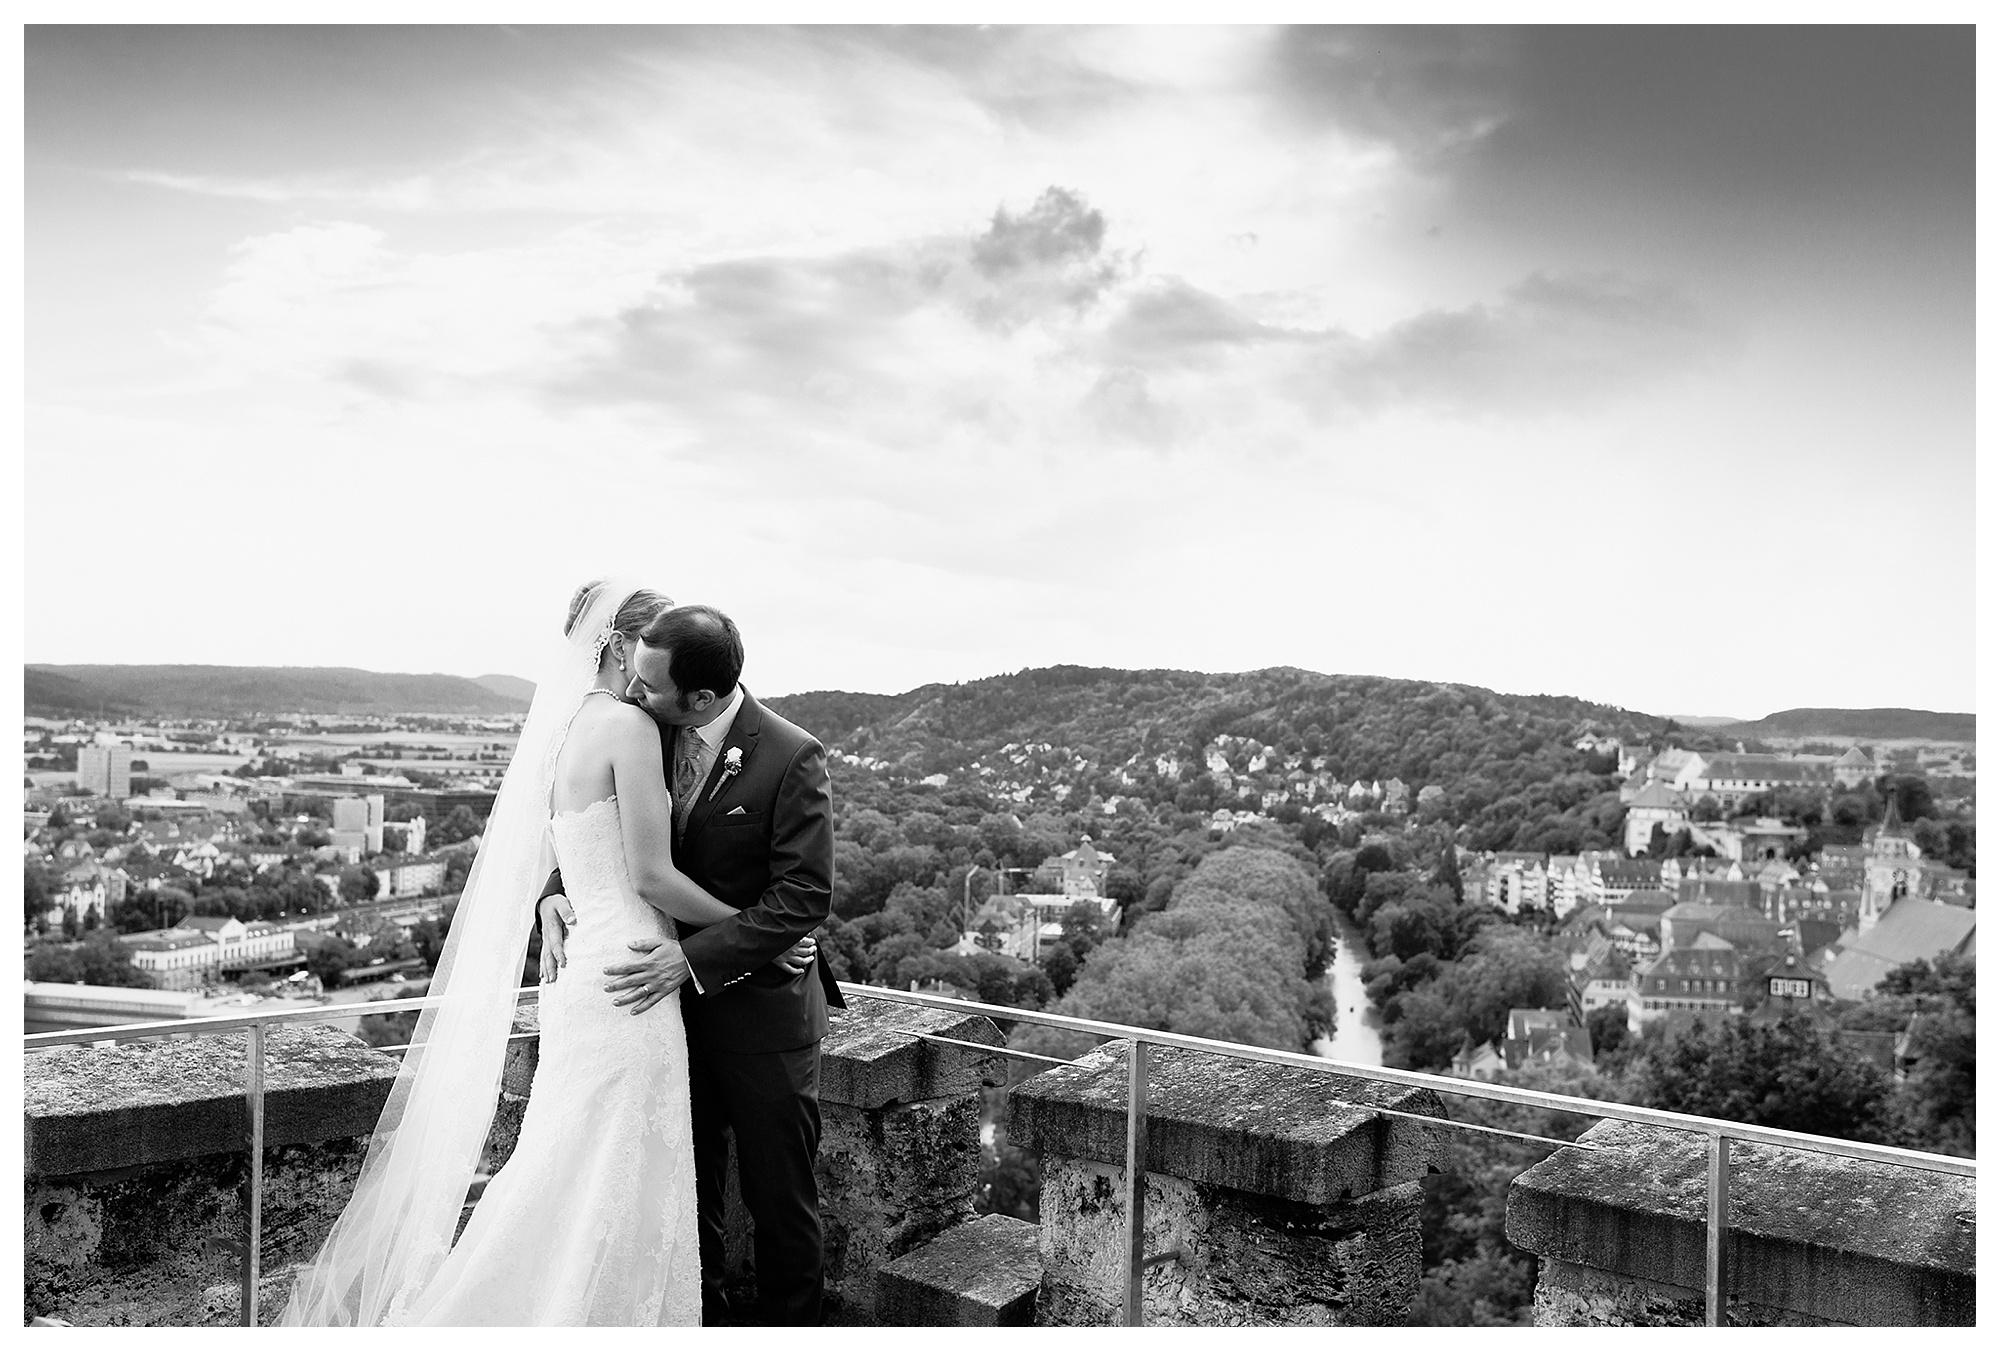 Fotograf Konstanz - Best of 2014 Elmar Feuerbacher Photography Hochzeit Portrait 038 - Rückblick auf 2014  - 41 -